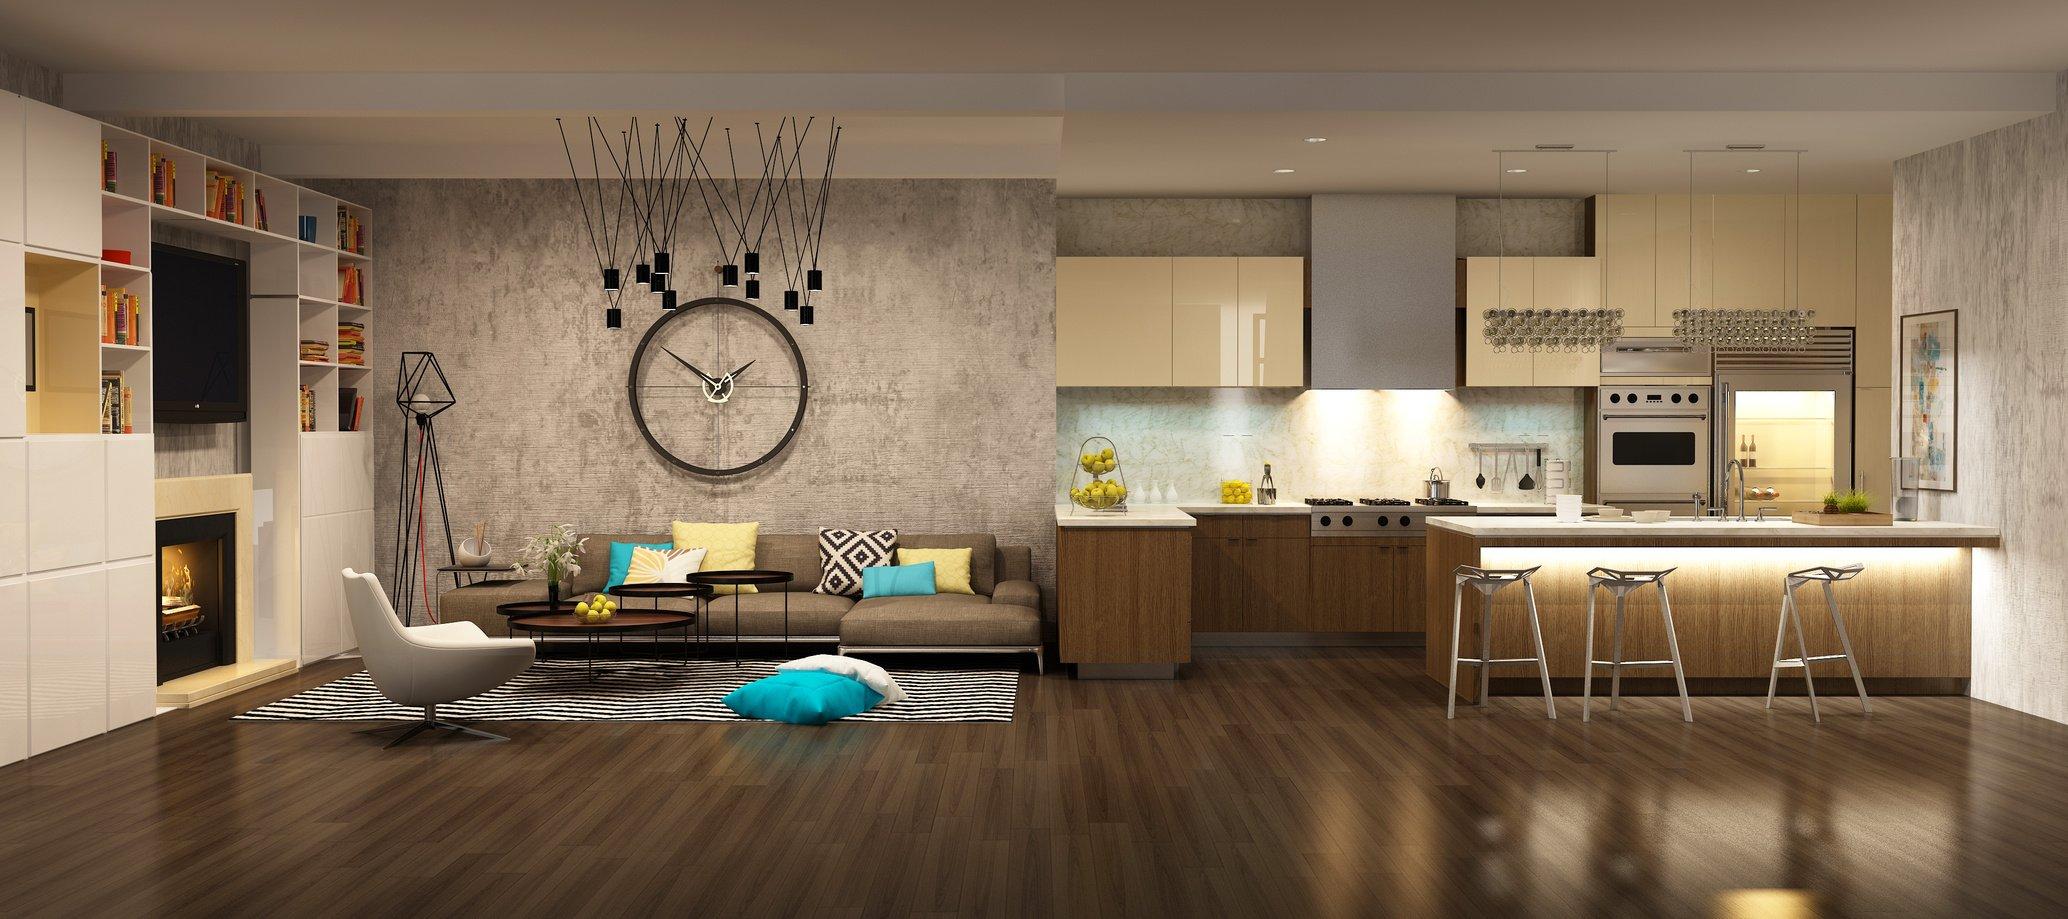 r no d co zen courtier en travaux r novation et neuf. Black Bedroom Furniture Sets. Home Design Ideas